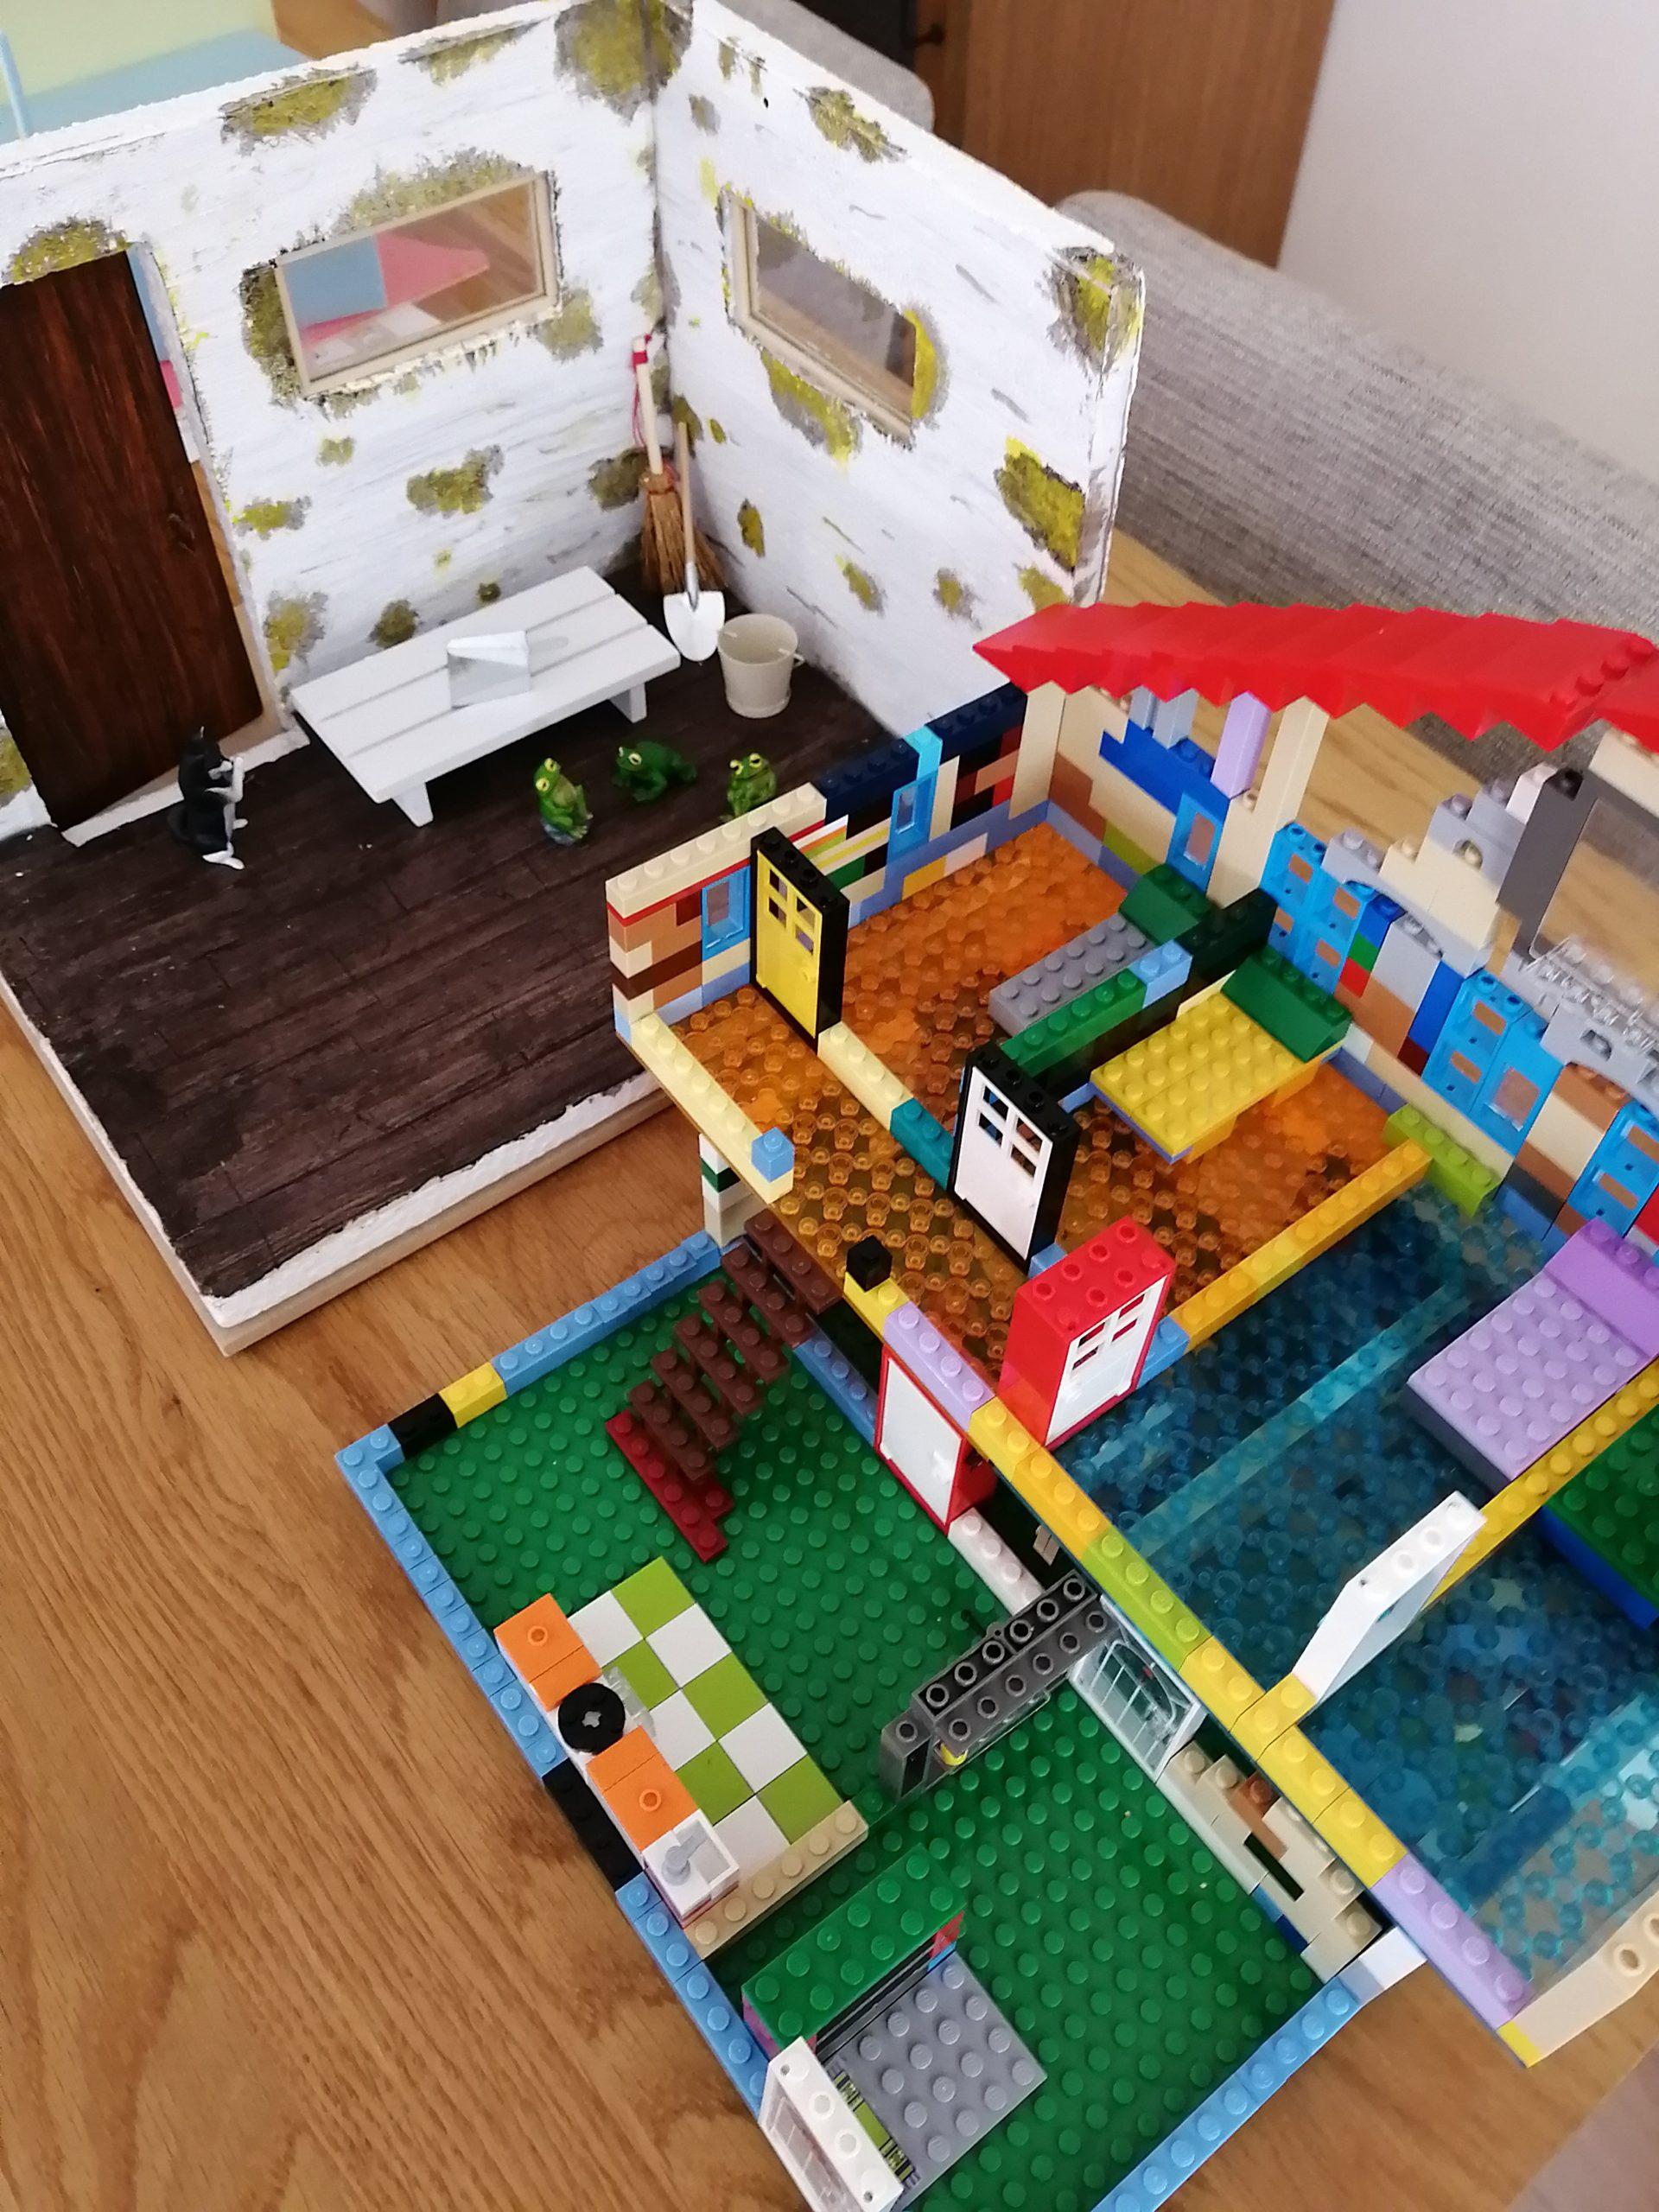 第4回しろくまホーム『家の模型を作ってみよう!』コンテストの作品が集まってきました